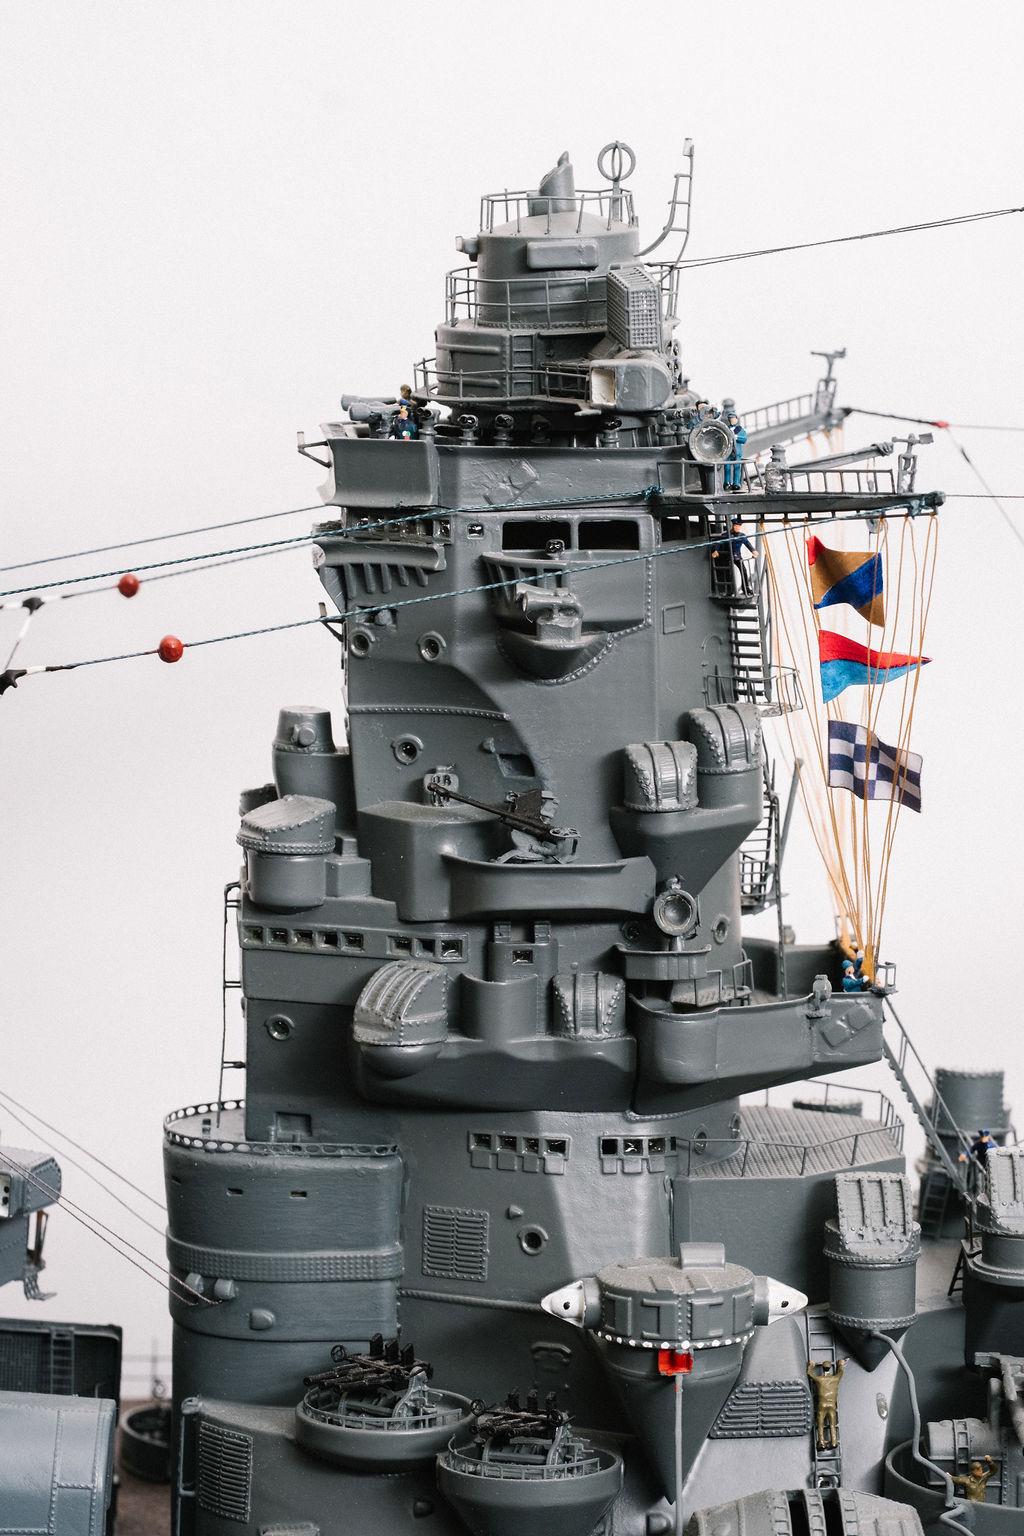 Yamato, un jour de janvier 1945 Modèle RC au 1/150 dans sa vitrine d'exposition - Page 5 Yamato46